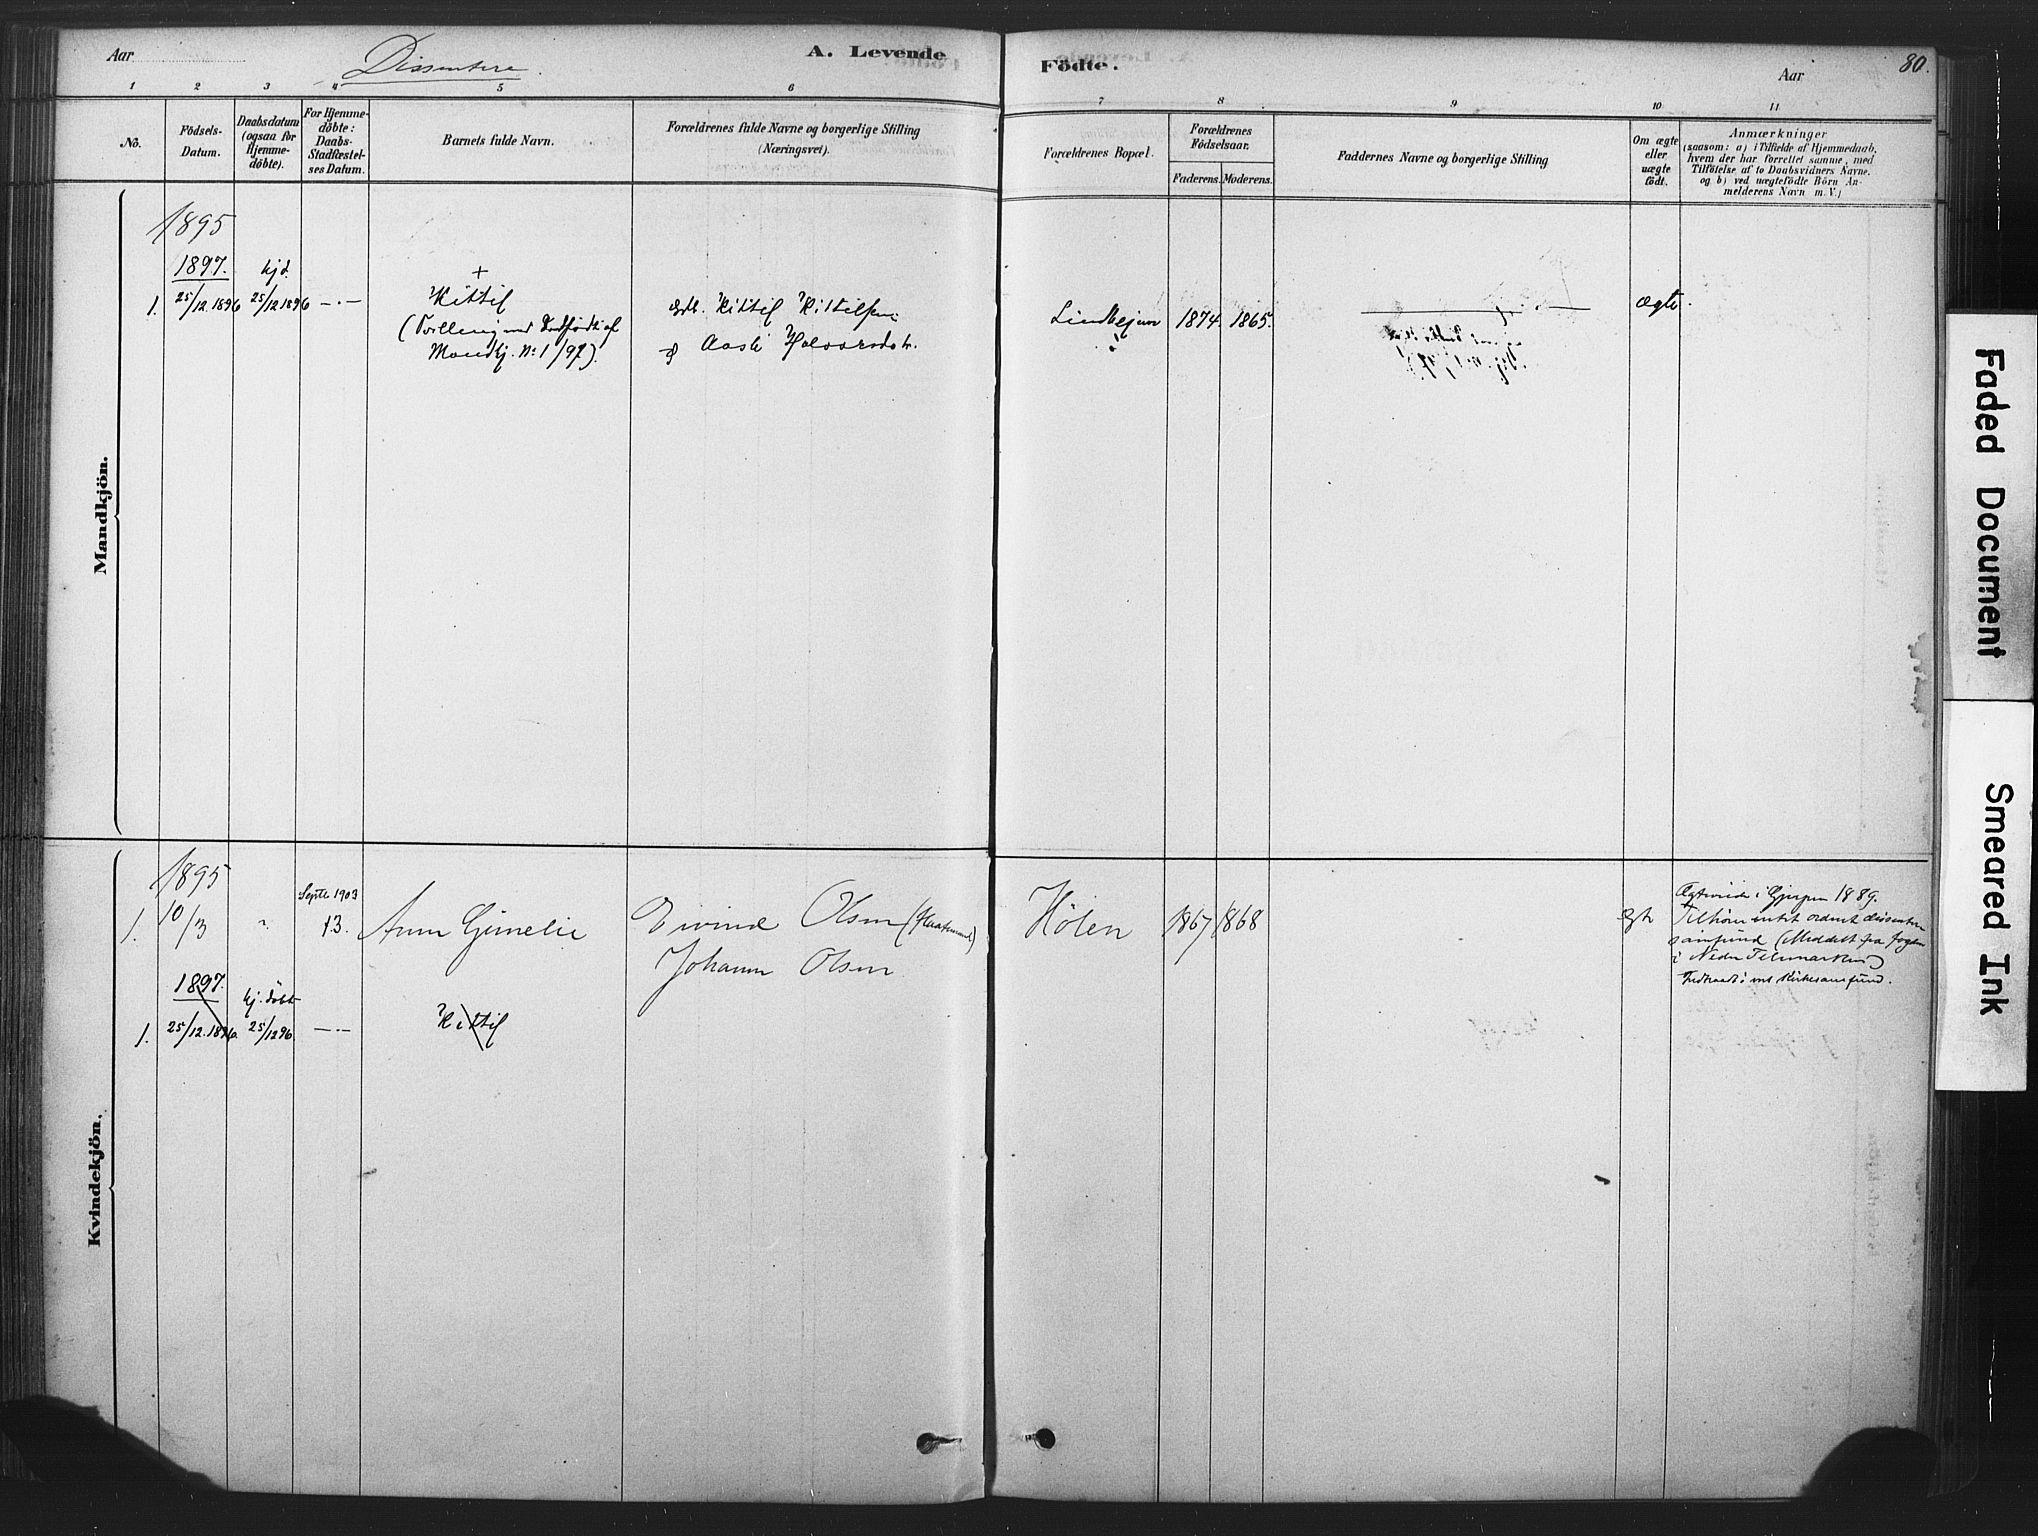 SAKO, Sauherad kirkebøker, F/Fb/L0002: Ministerialbok nr. II 2, 1878-1901, s. 80